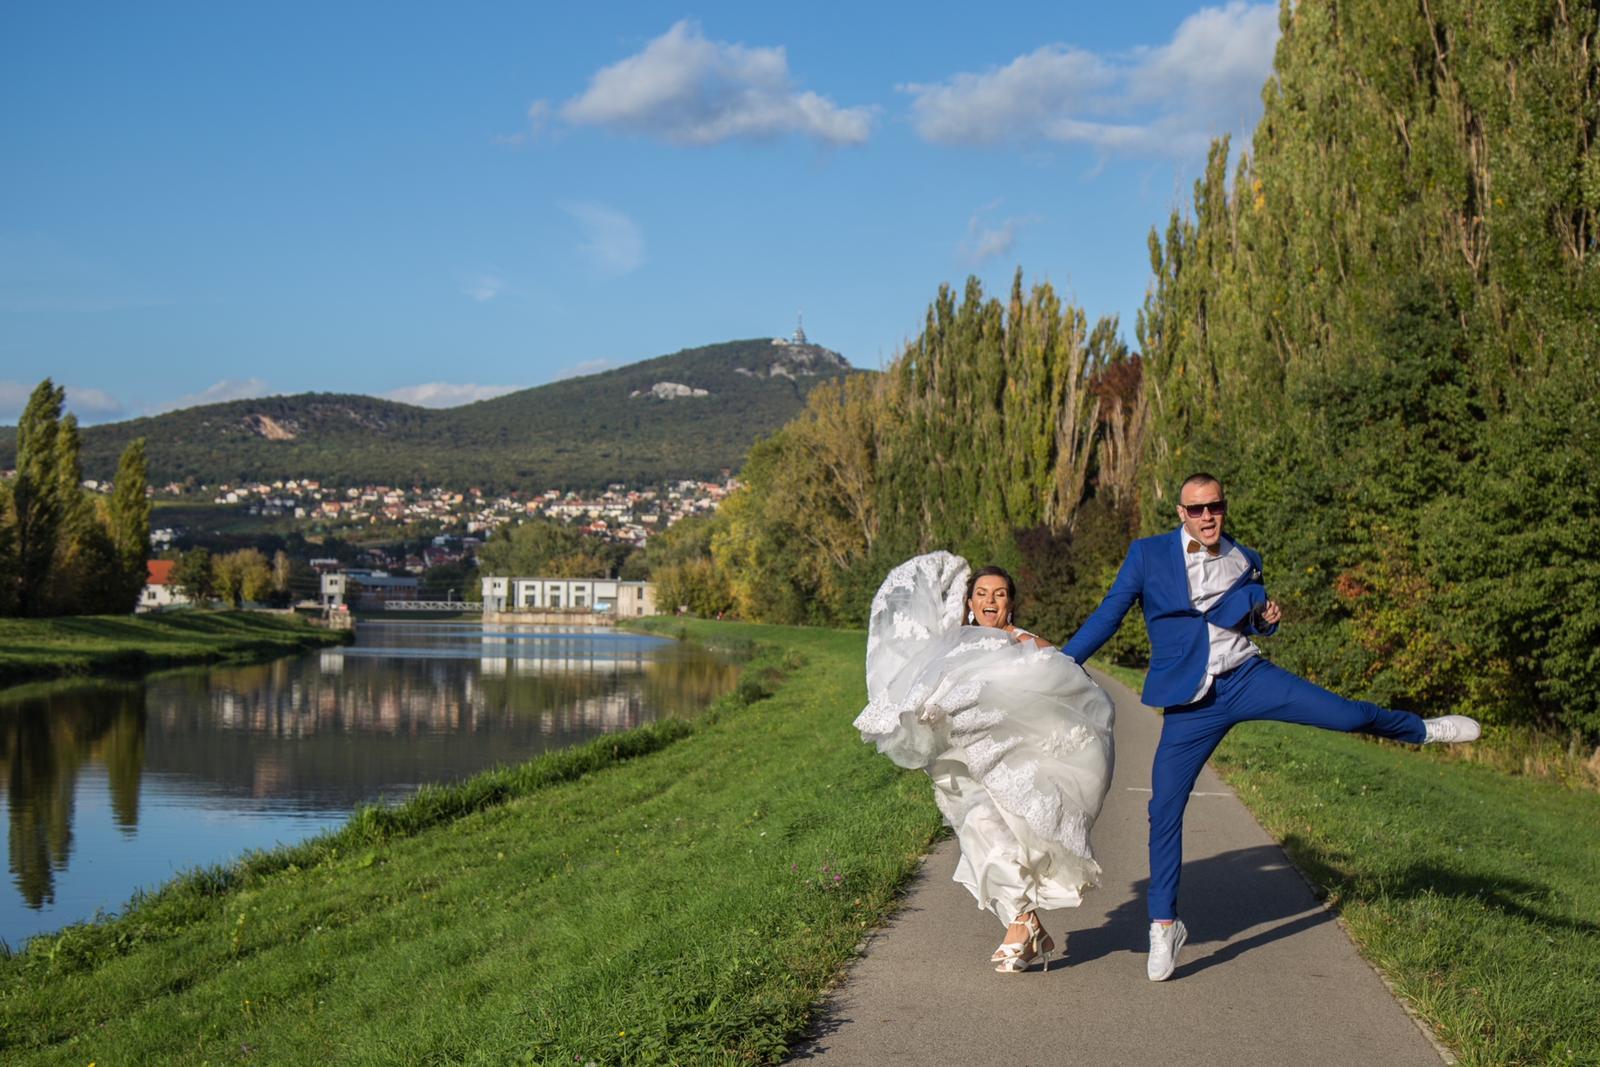 Naša svadobná bláznivá foto... - Obrázok č. 1